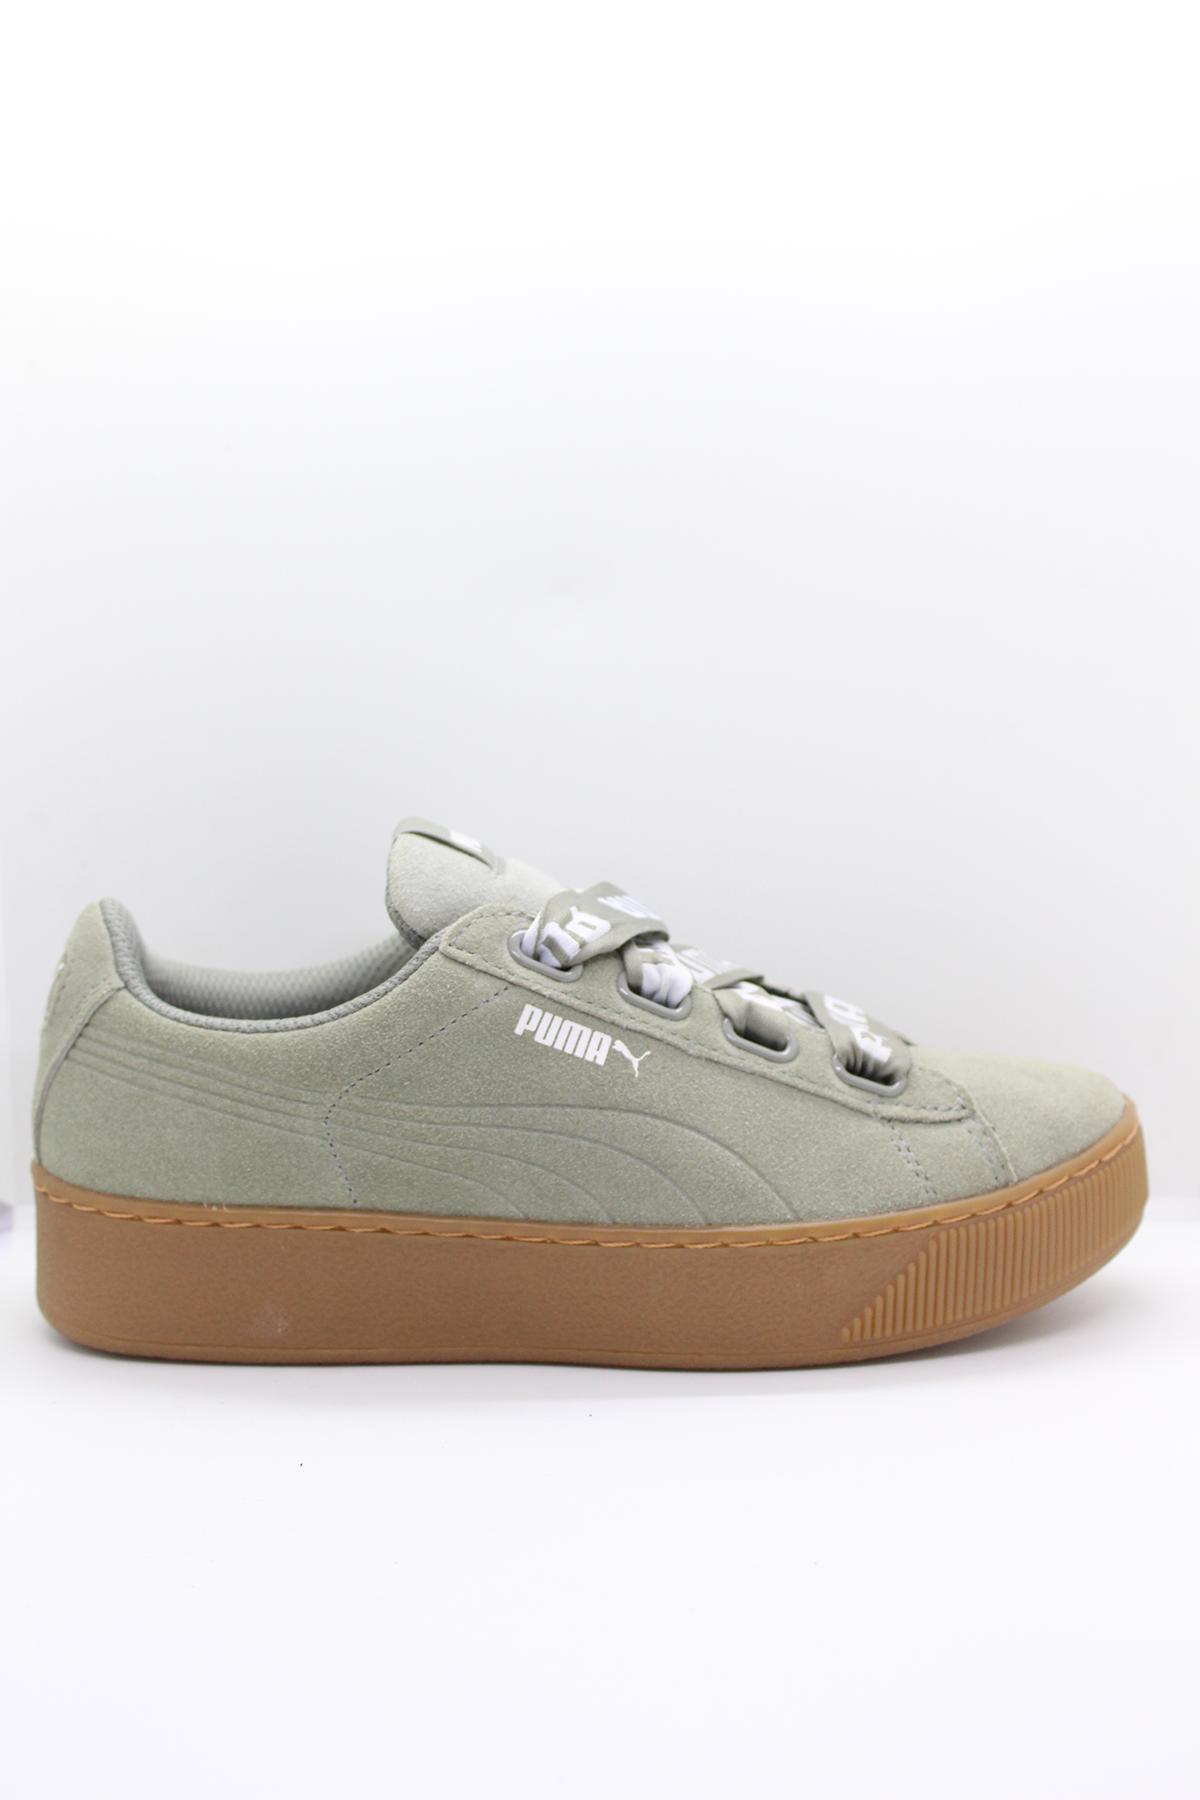 Puma 6531403 Yeşil Kadın Spor Ayakkabı